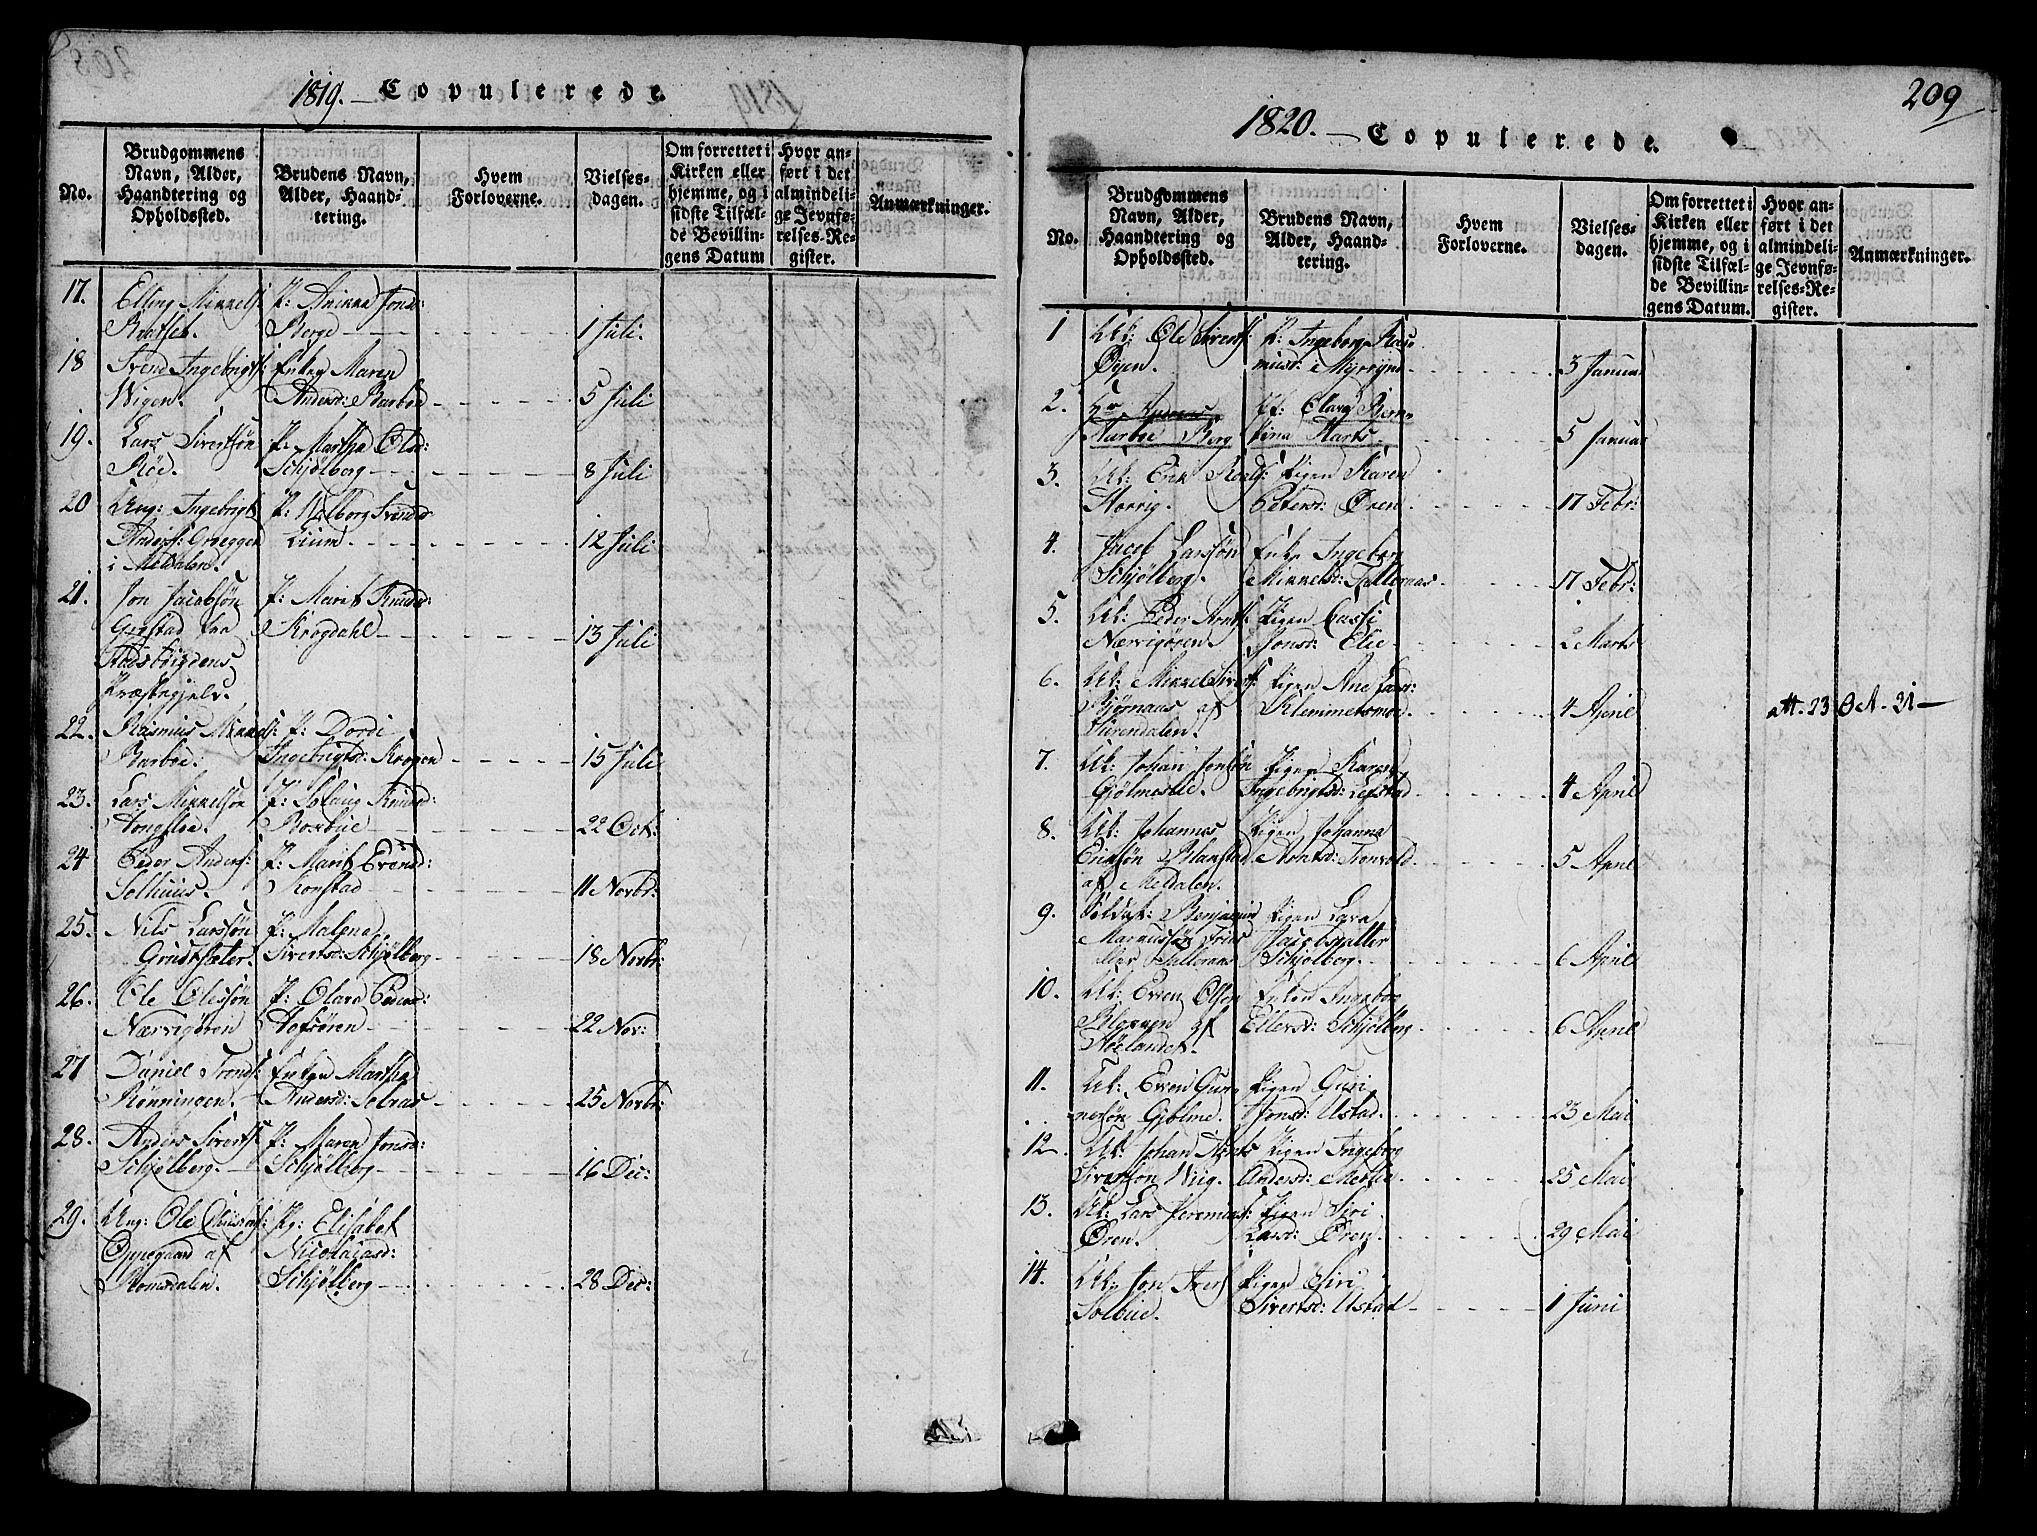 SAT, Ministerialprotokoller, klokkerbøker og fødselsregistre - Sør-Trøndelag, 668/L0803: Ministerialbok nr. 668A03, 1800-1826, s. 209